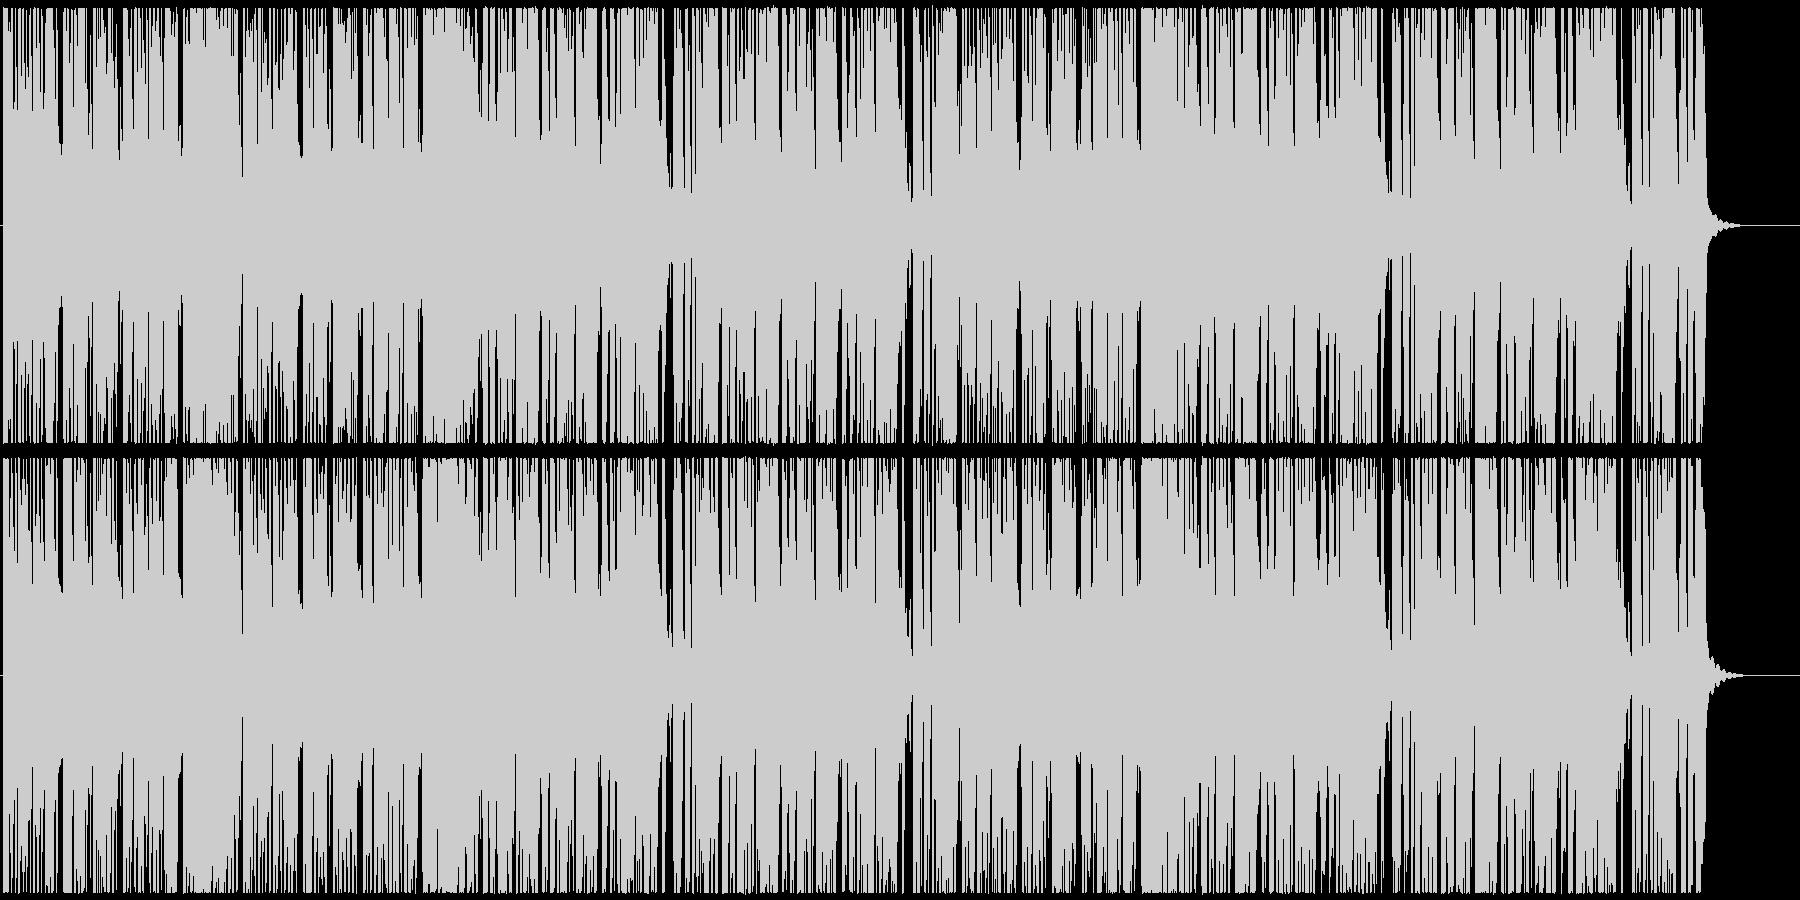 速めブラームス名曲、コミカル映像、ゲームの未再生の波形